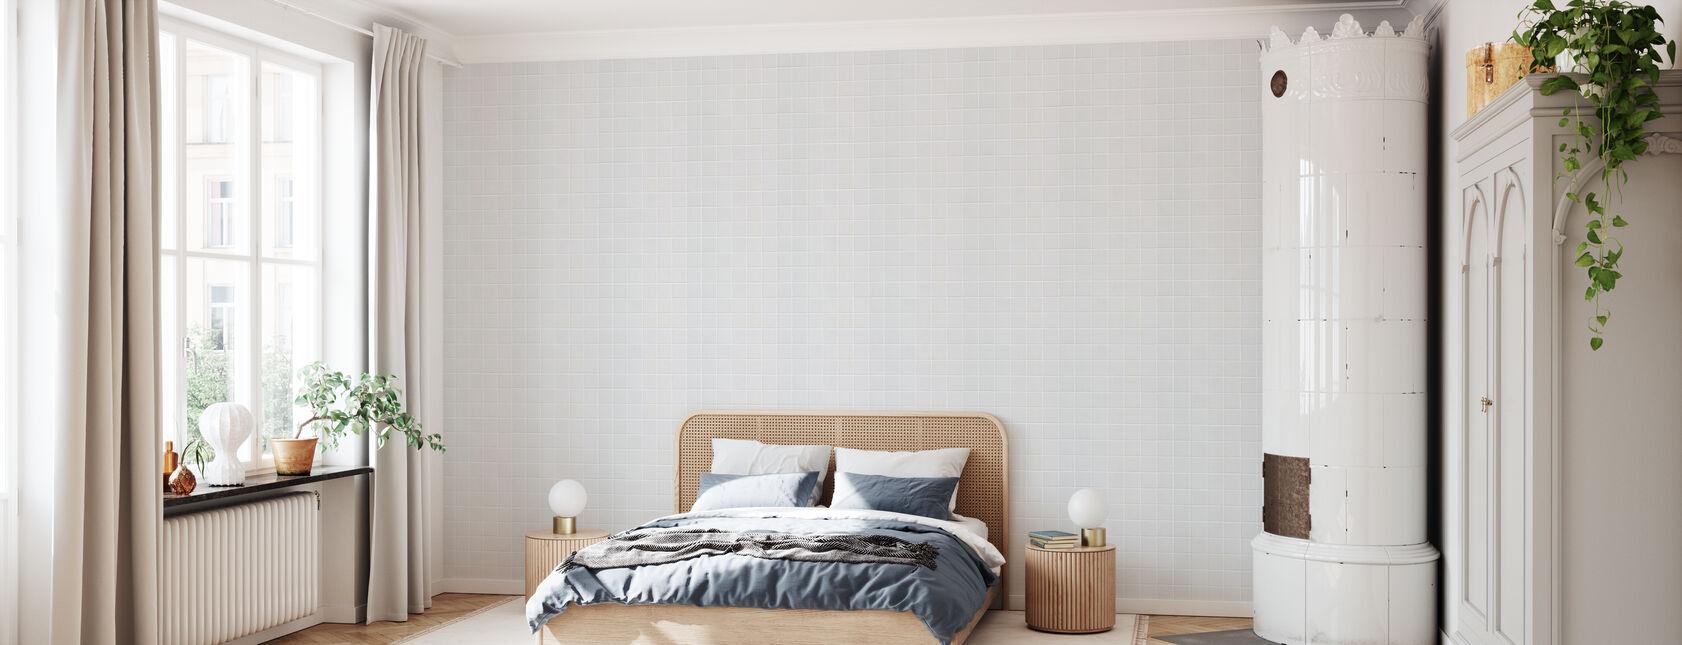 Weiße Keramikfliesen - 15x15 - Tapete - Schlafzimmer